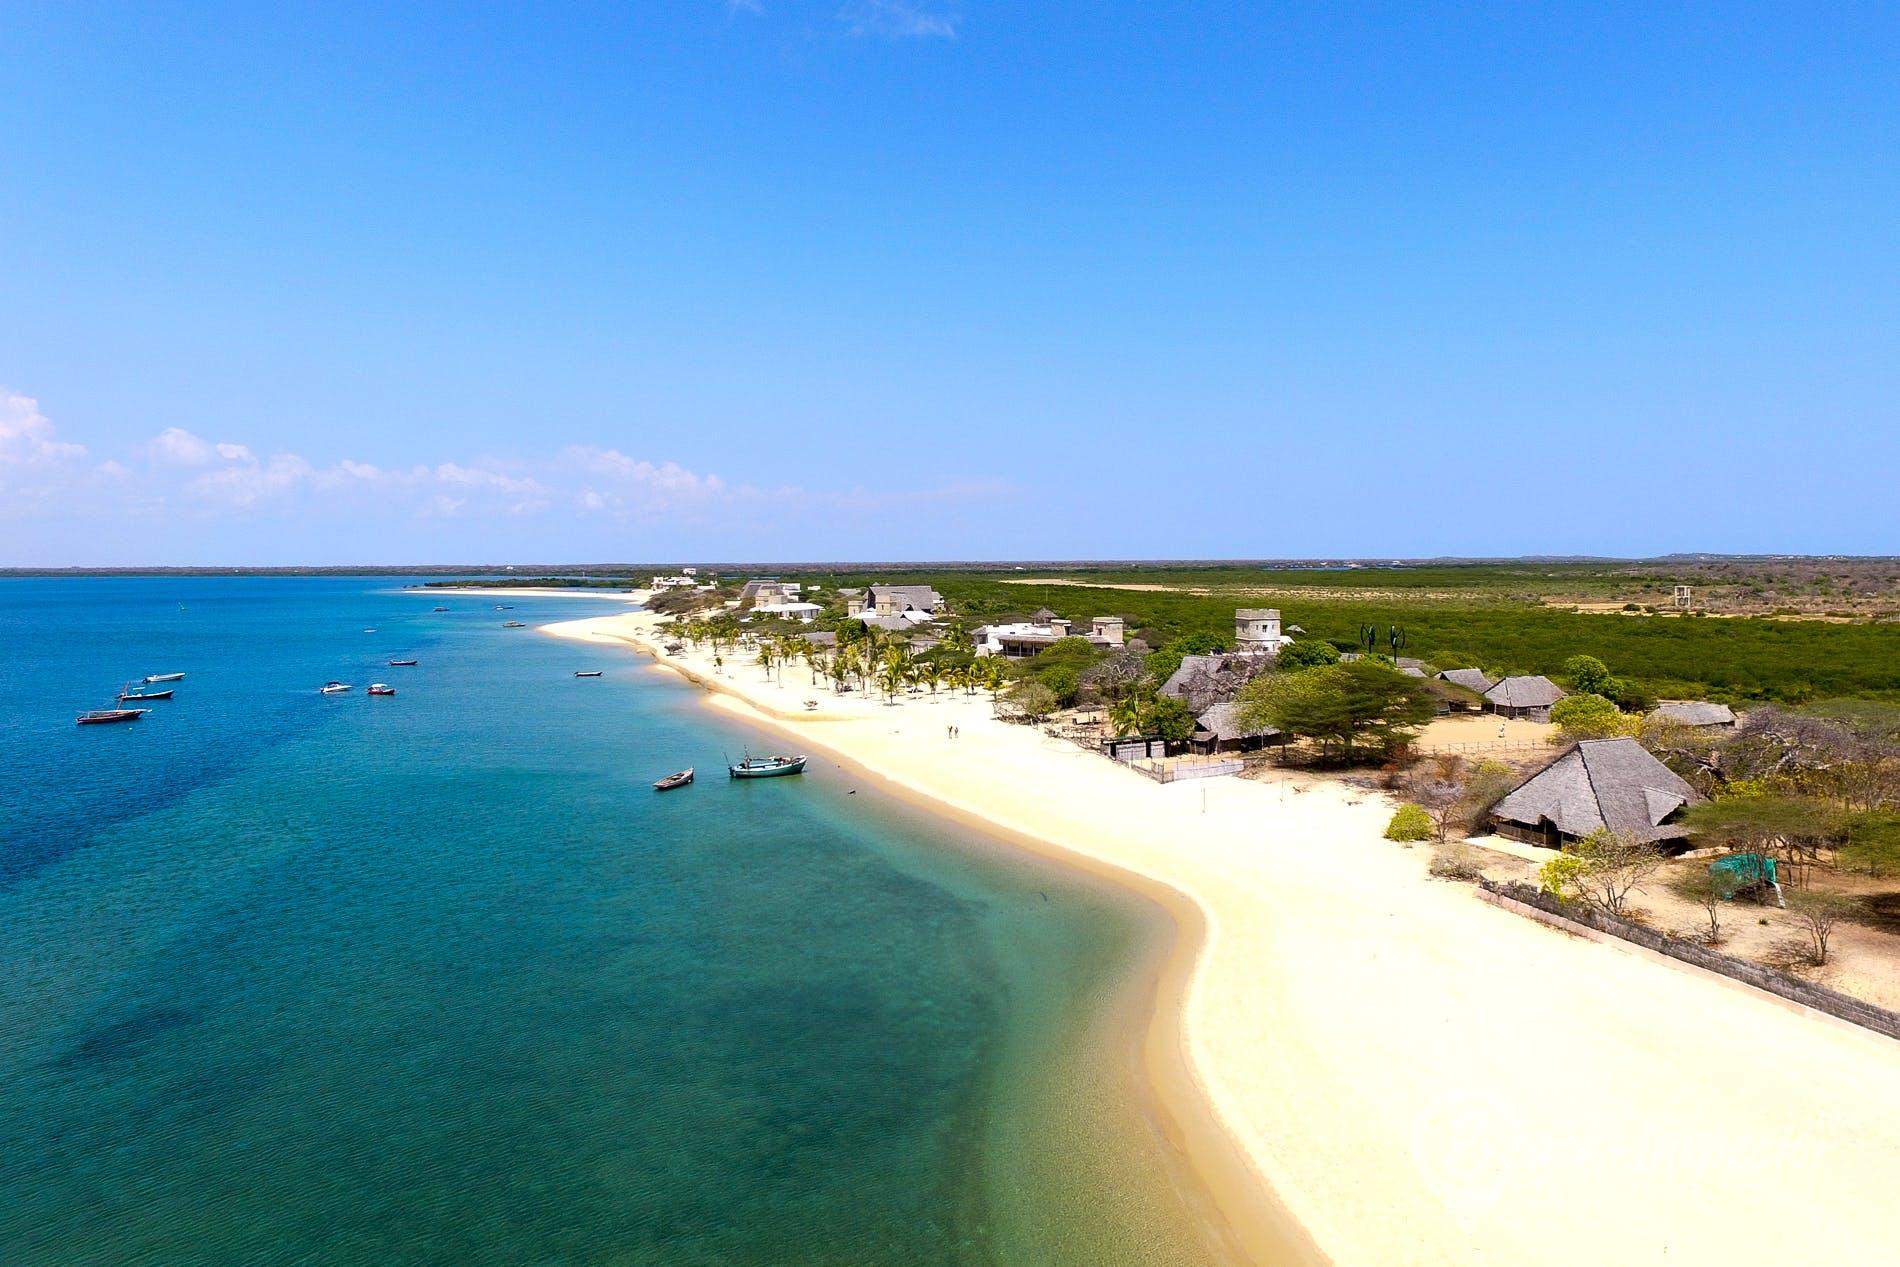 Playa Manda Beach, Kenia, Kenia